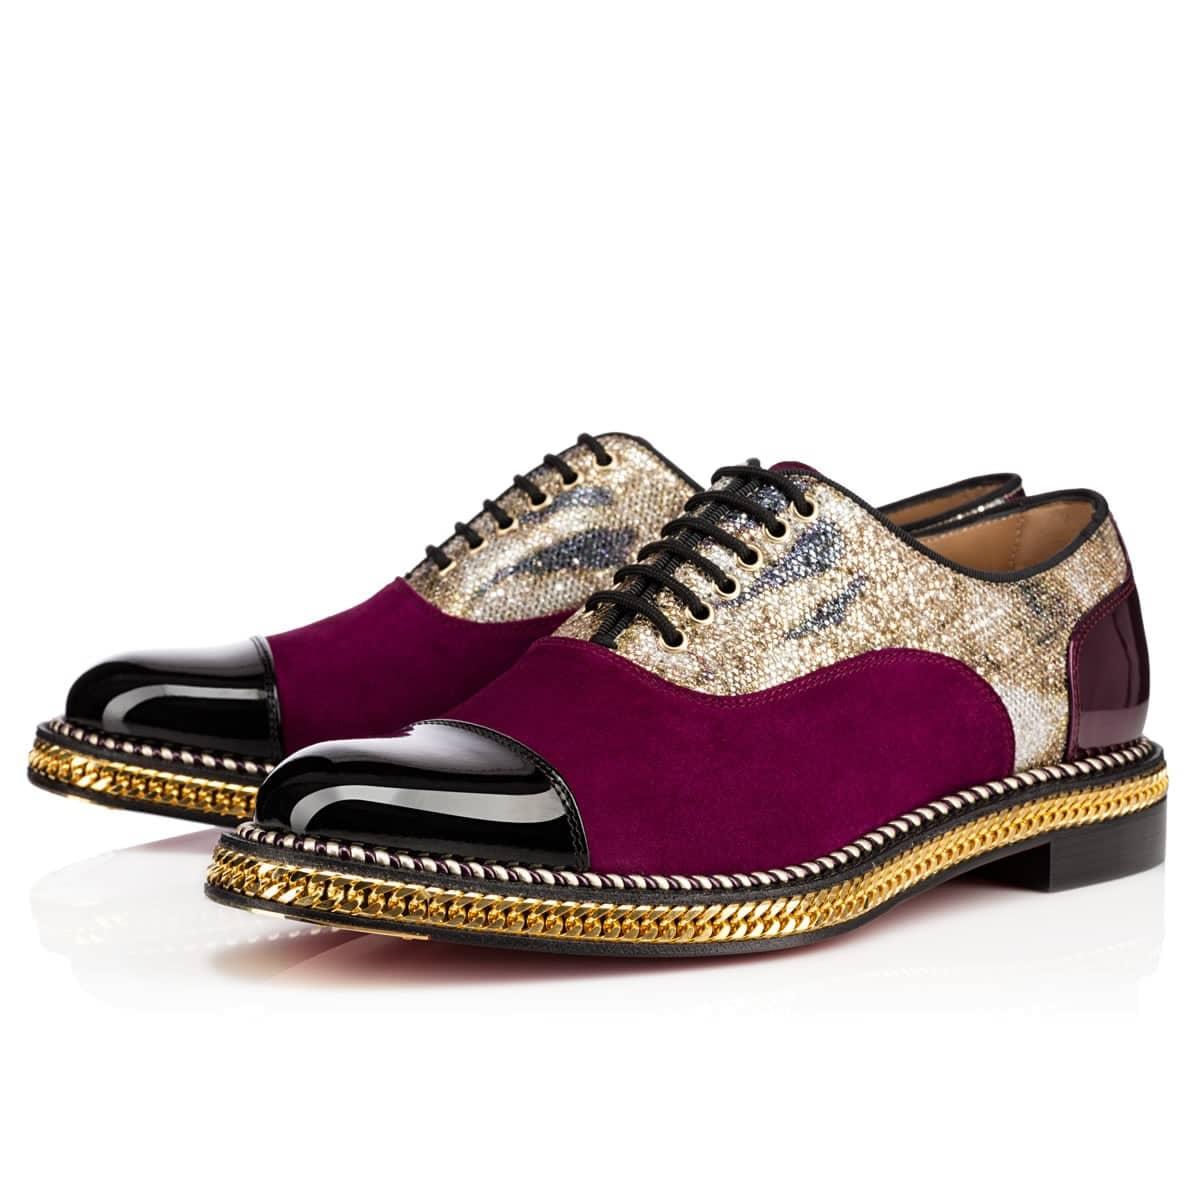 chaussure louboutin homme tous les mod les que j 39 ai. Black Bedroom Furniture Sets. Home Design Ideas